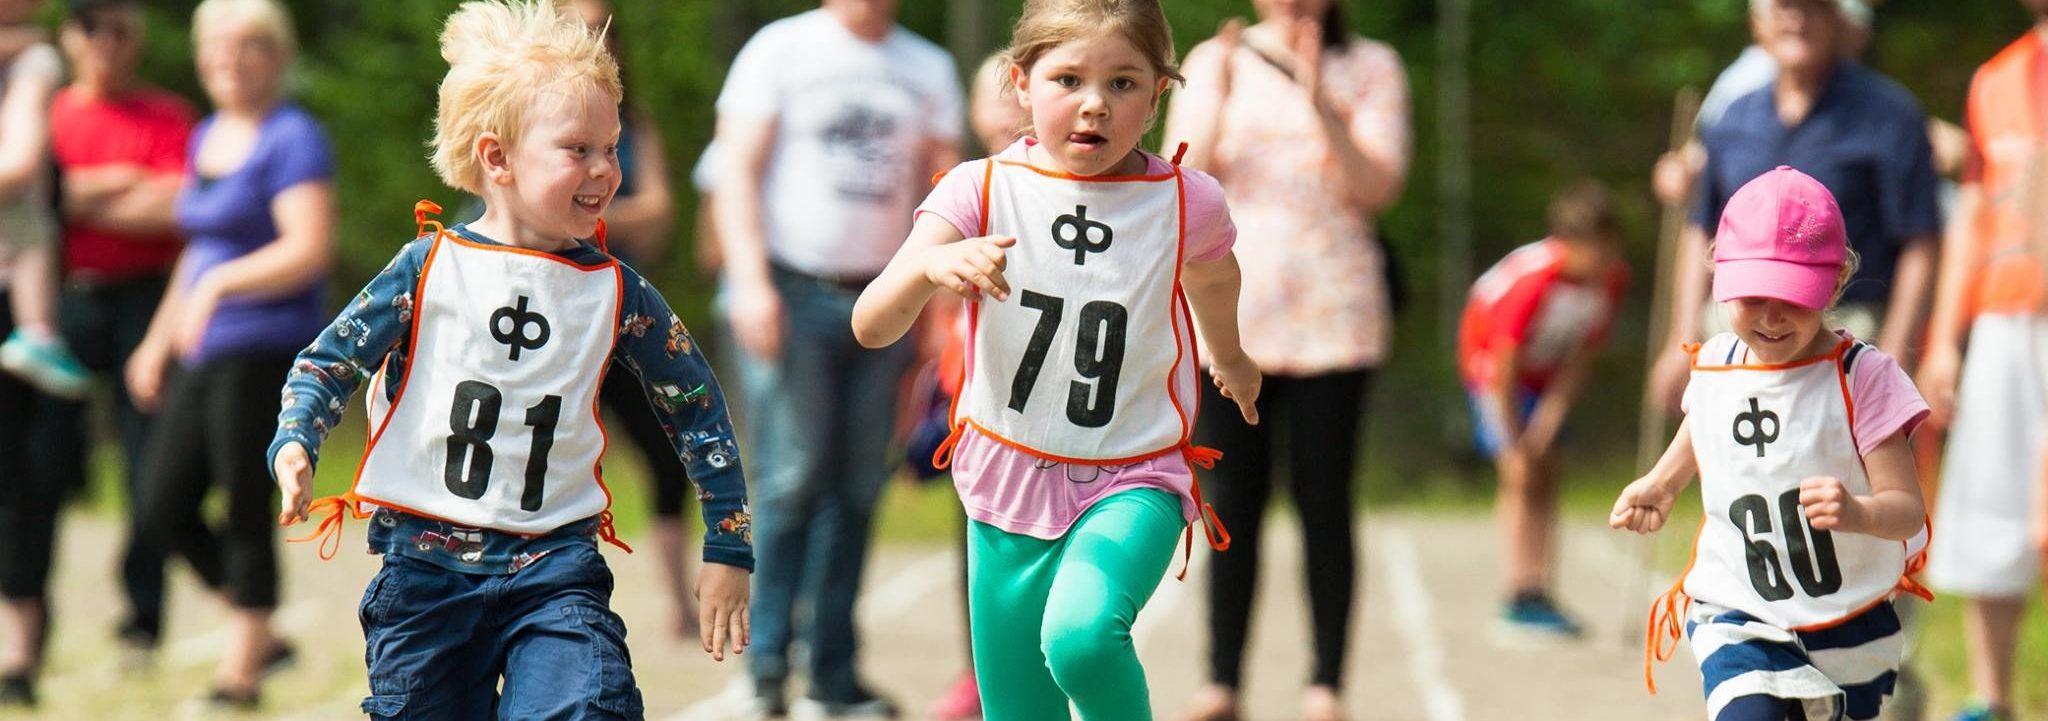 Liikunnallista toimintaa lapsille